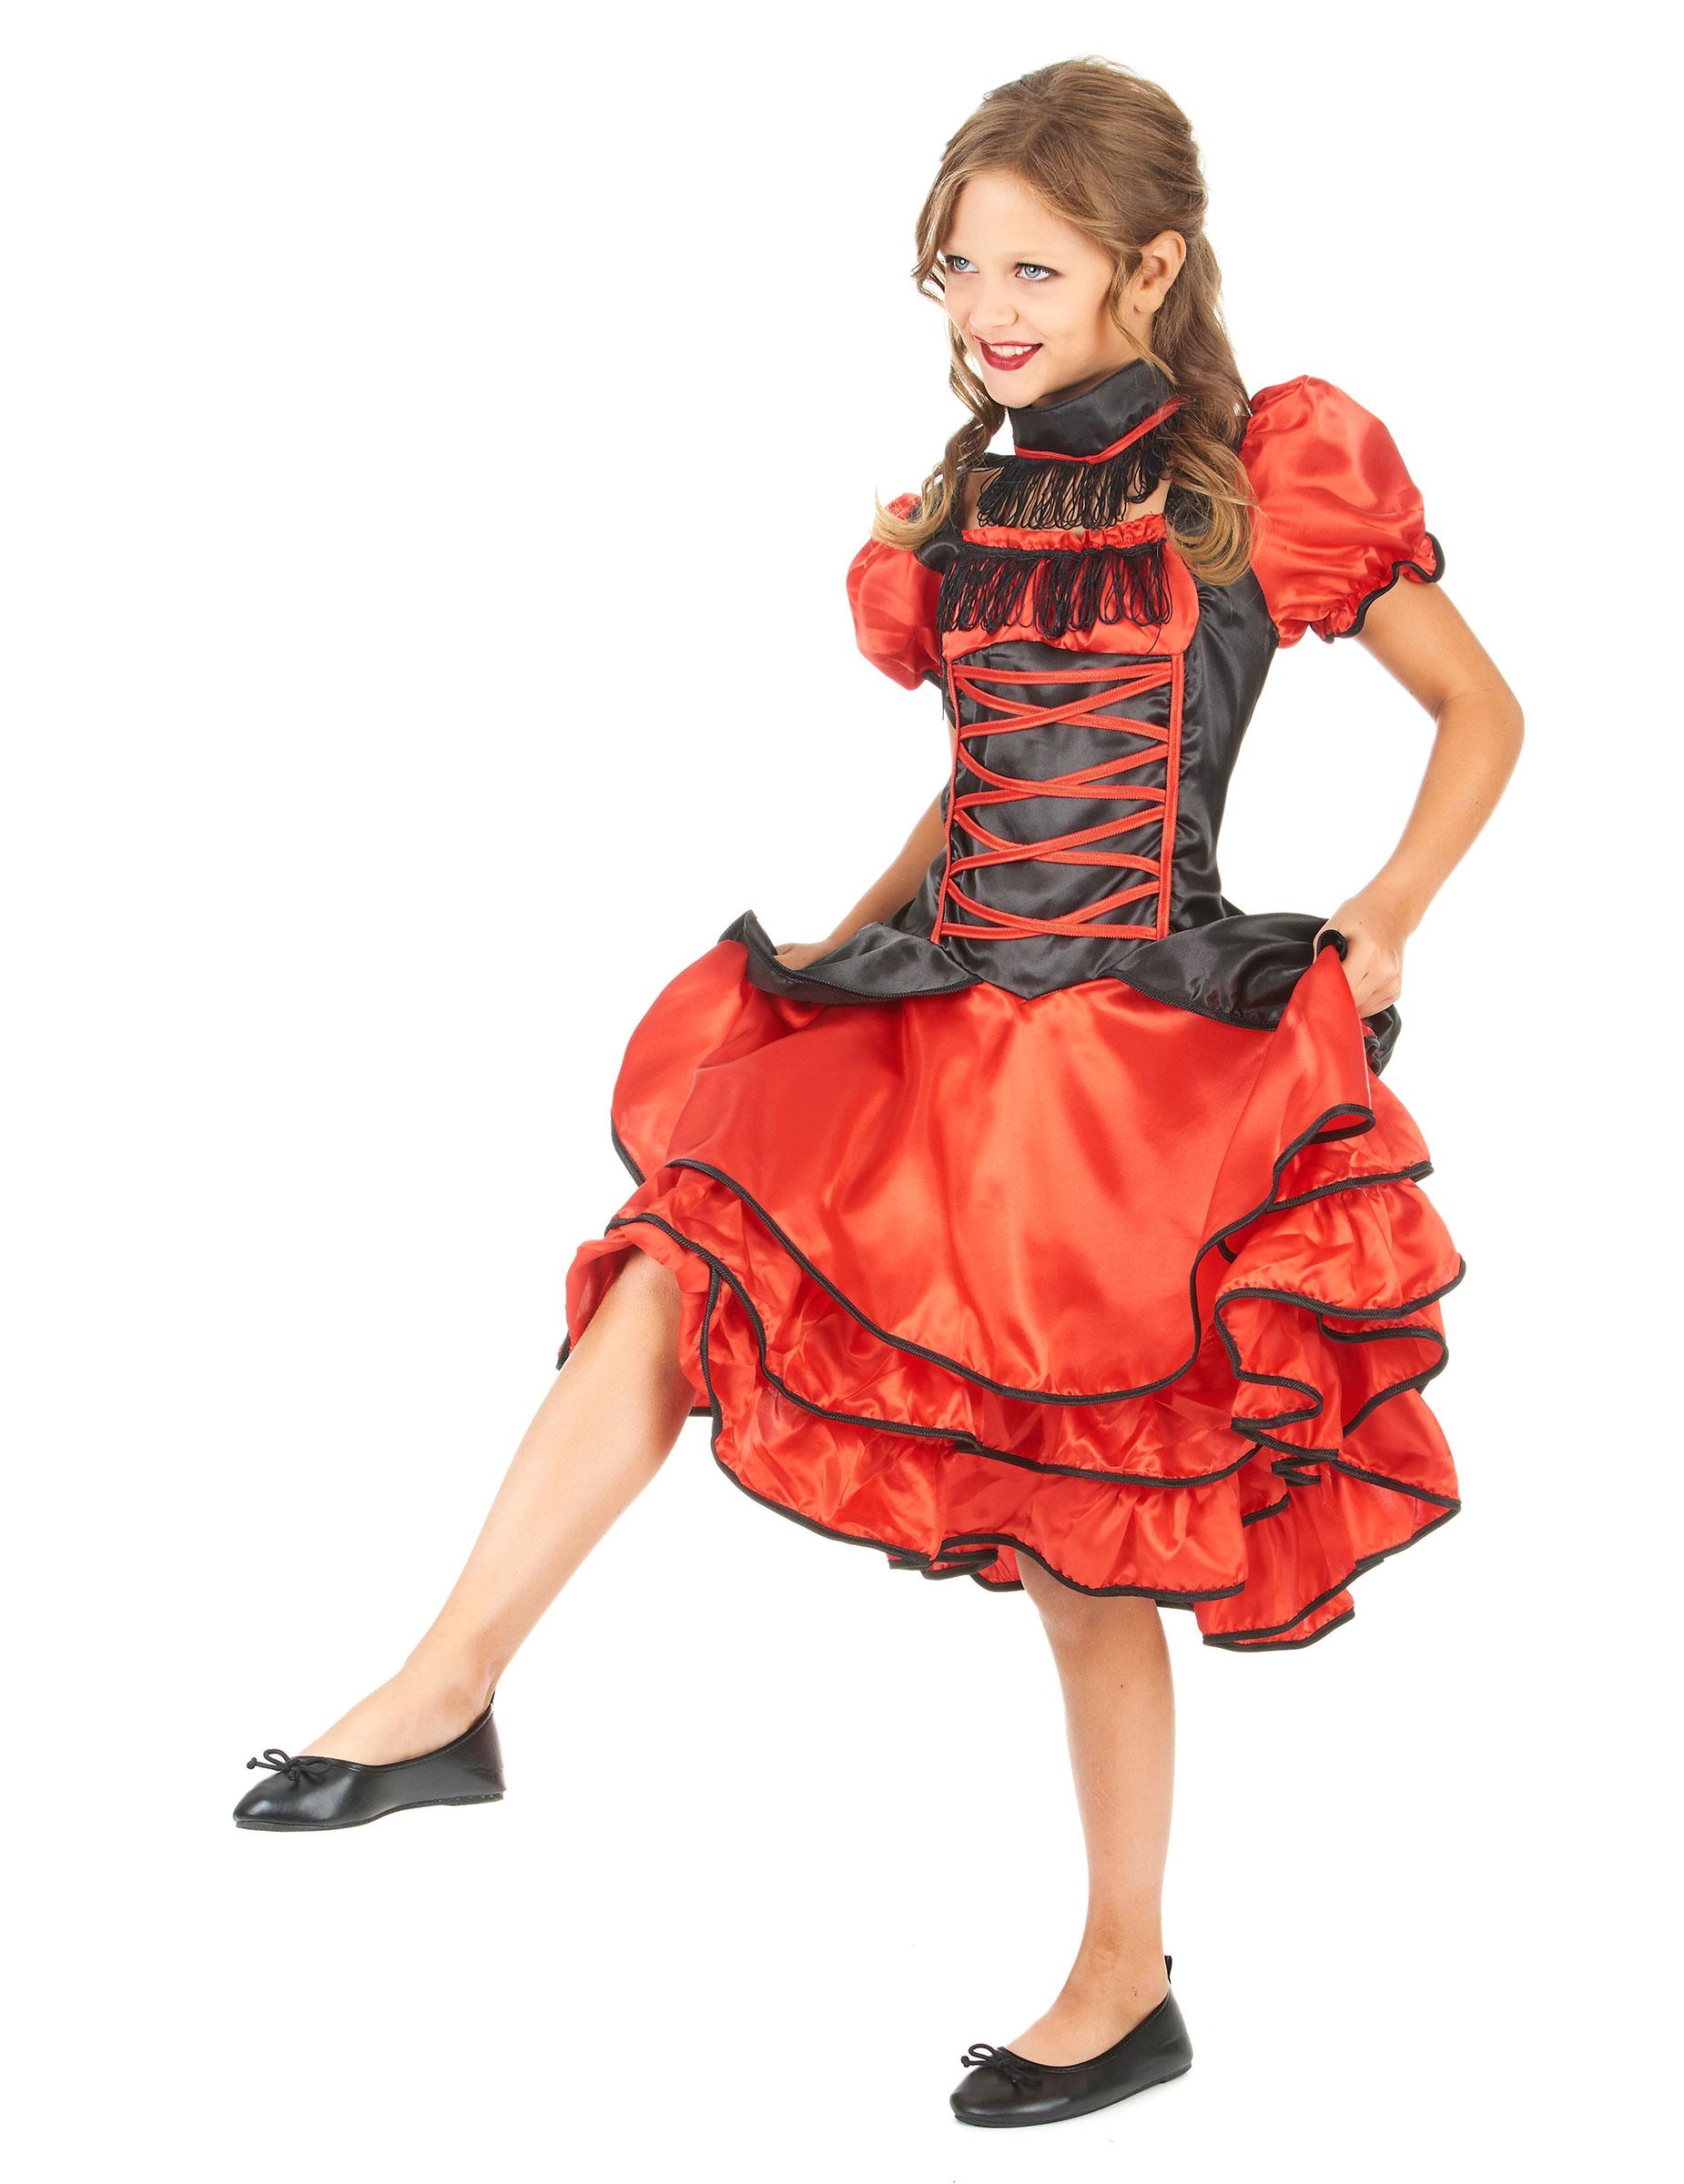 Rood en zwart cabaret kostuum voor meisjes - Eetkamer rood en zwart ...